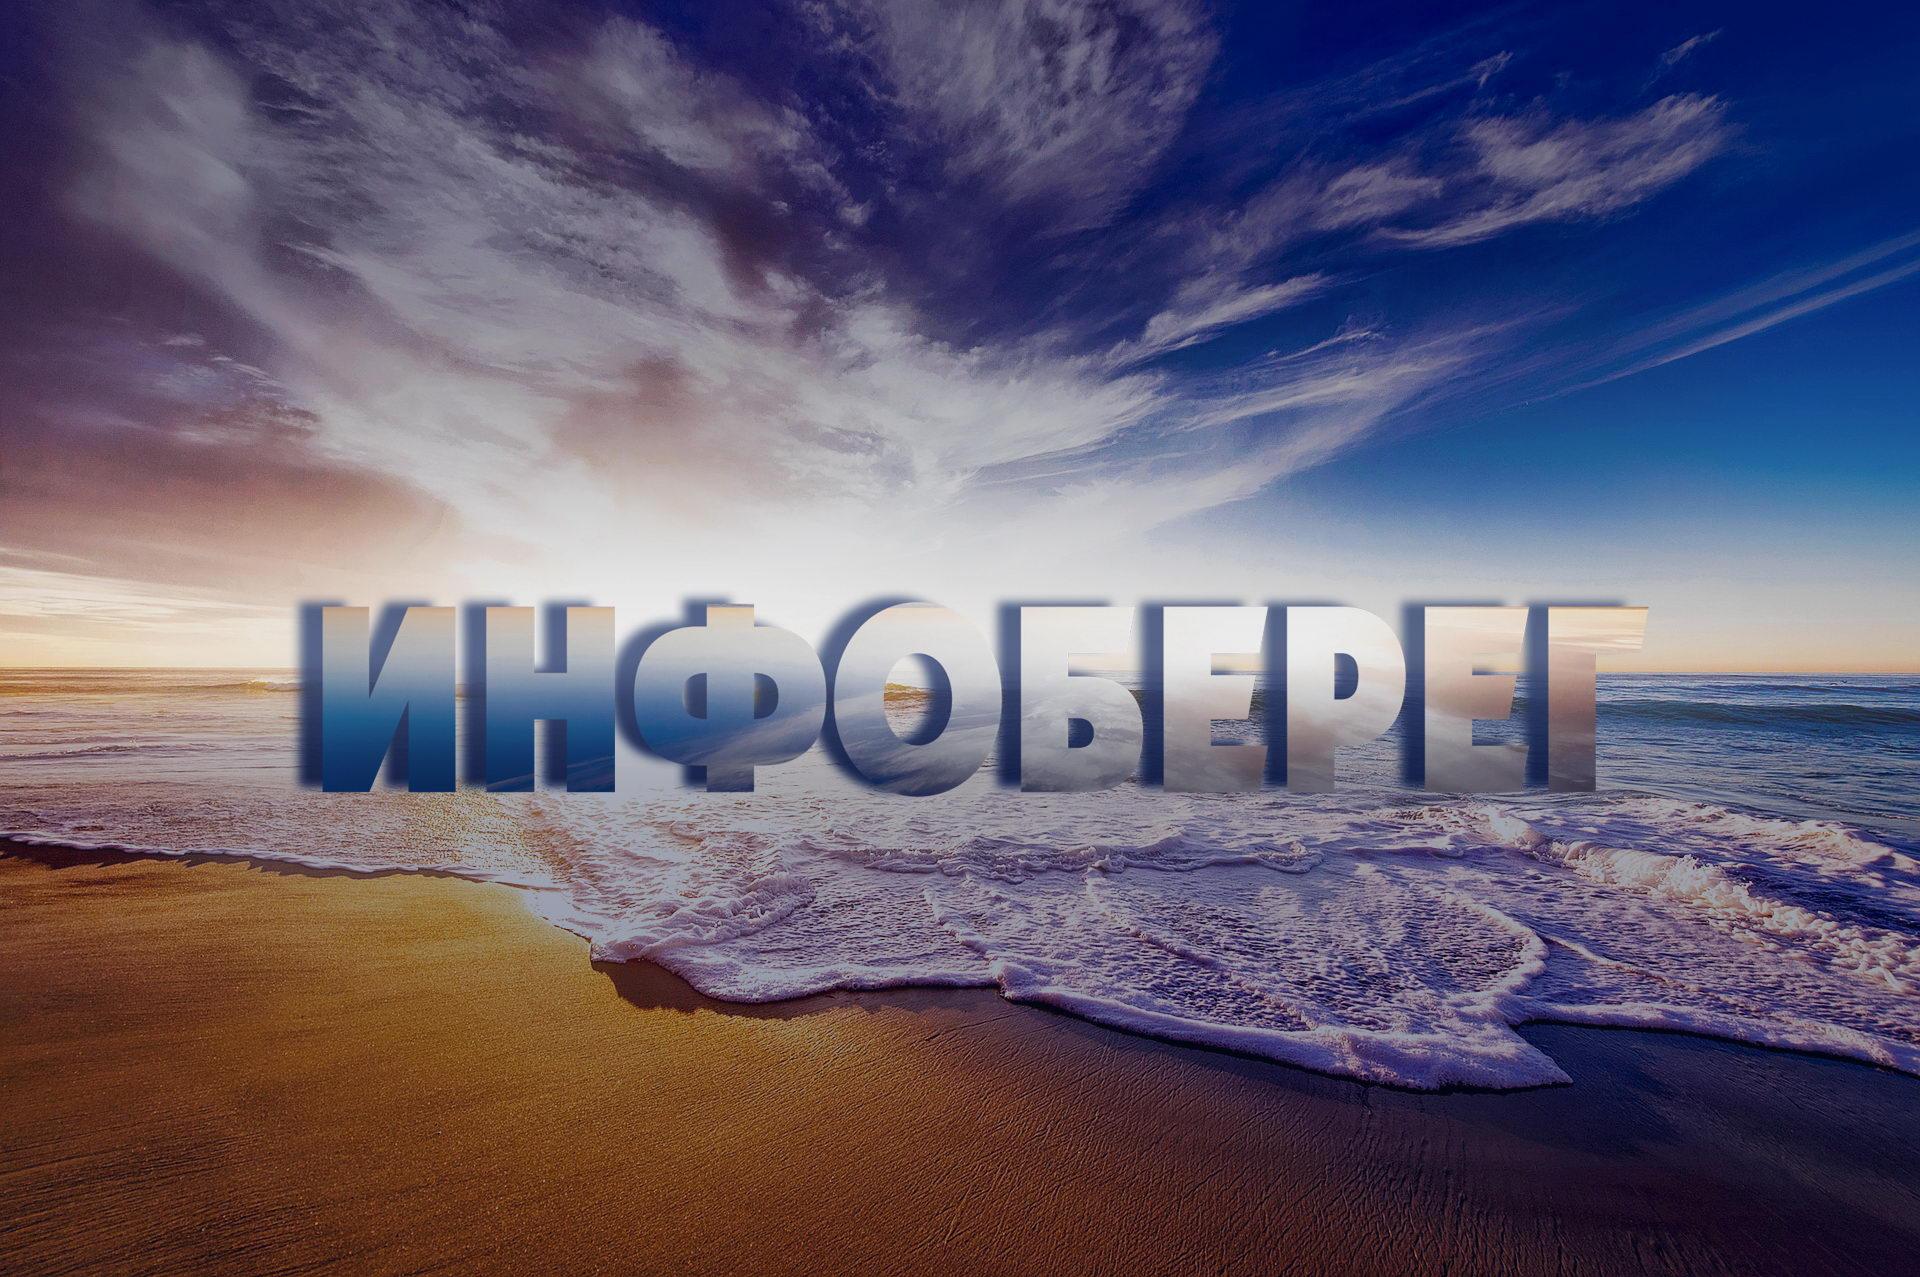 Всероссийского форум по информационной безопасности ИнфоБЕРЕГ-2018 пройдет в начале сентября